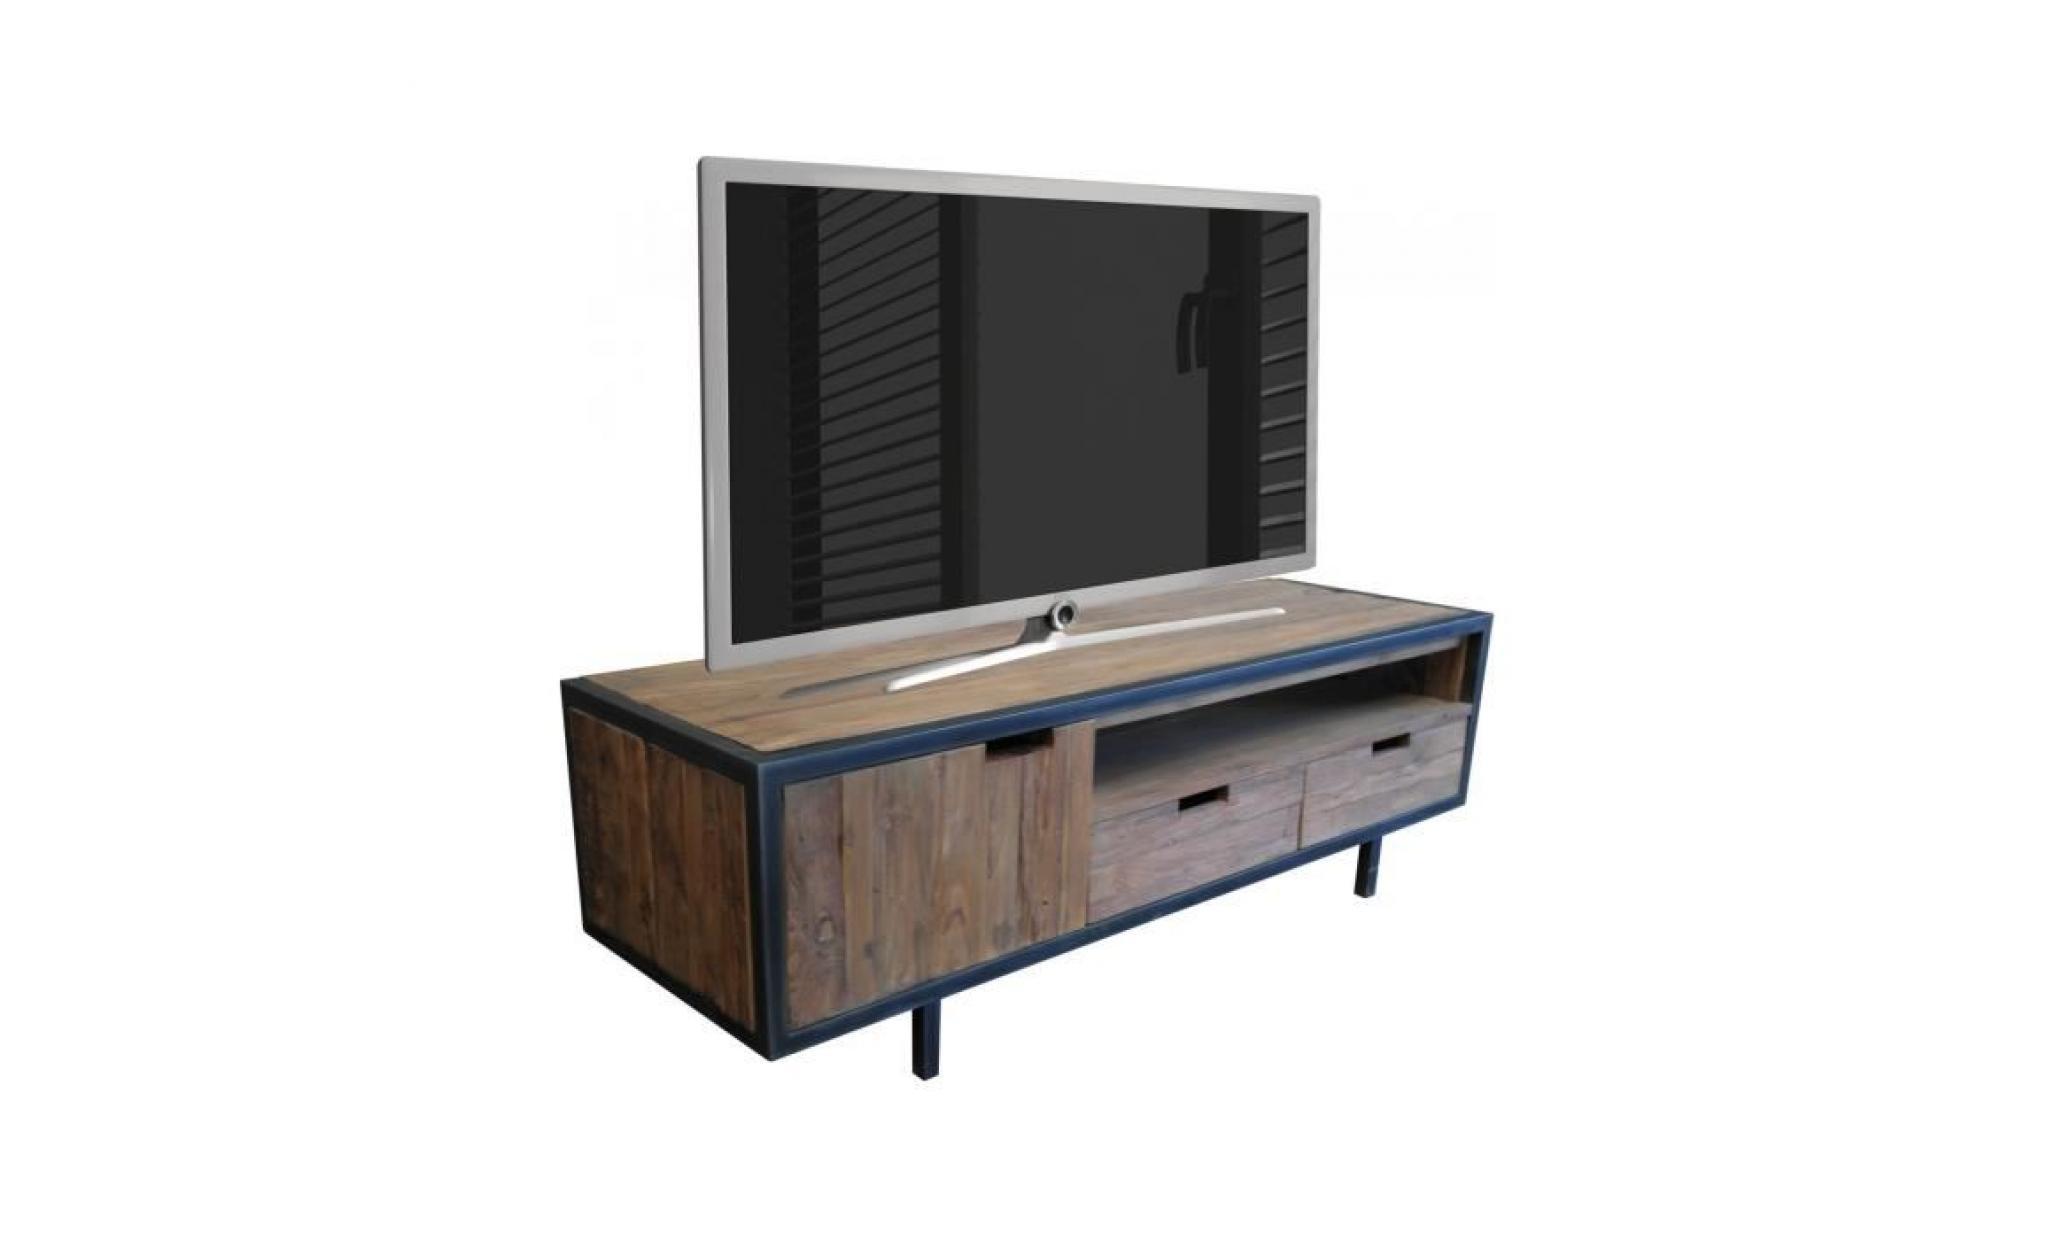 en 1 co meuble et tiroirs 160x50x50cm 37639 massif teck porte 2 avec marron tv bois p rustique marron MzpUSV